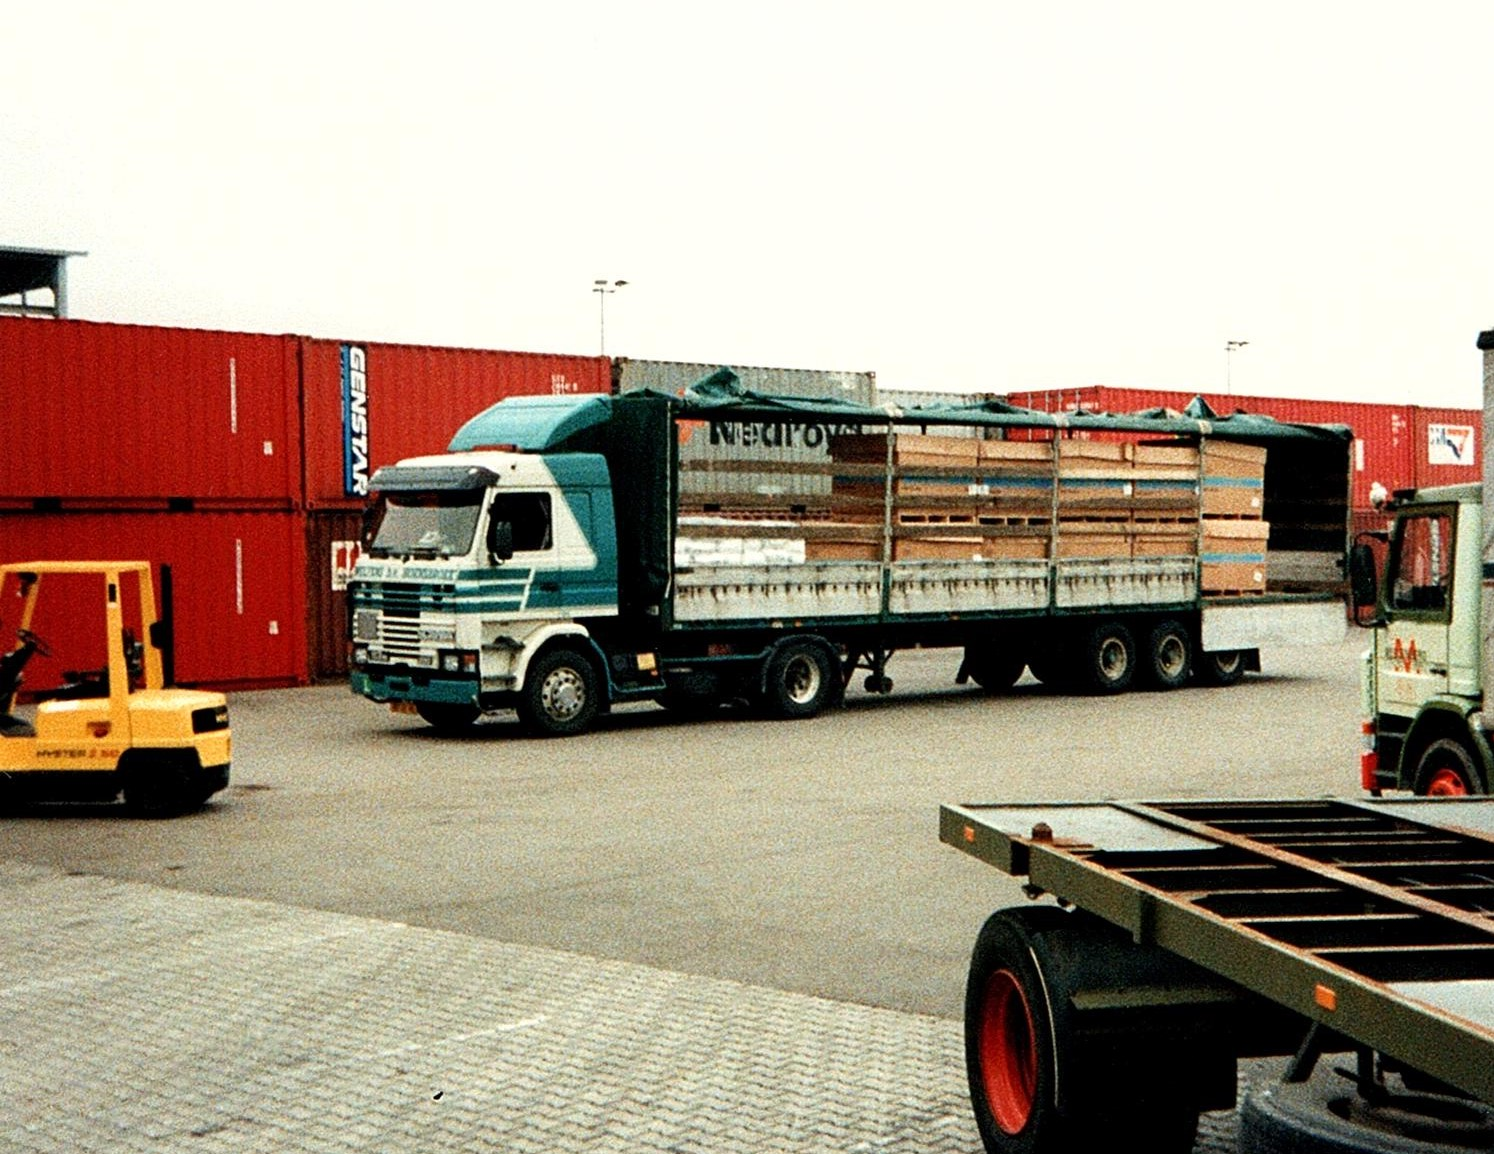 Bert-met-de-Scania-vakantie-vieren-in-Italie-31